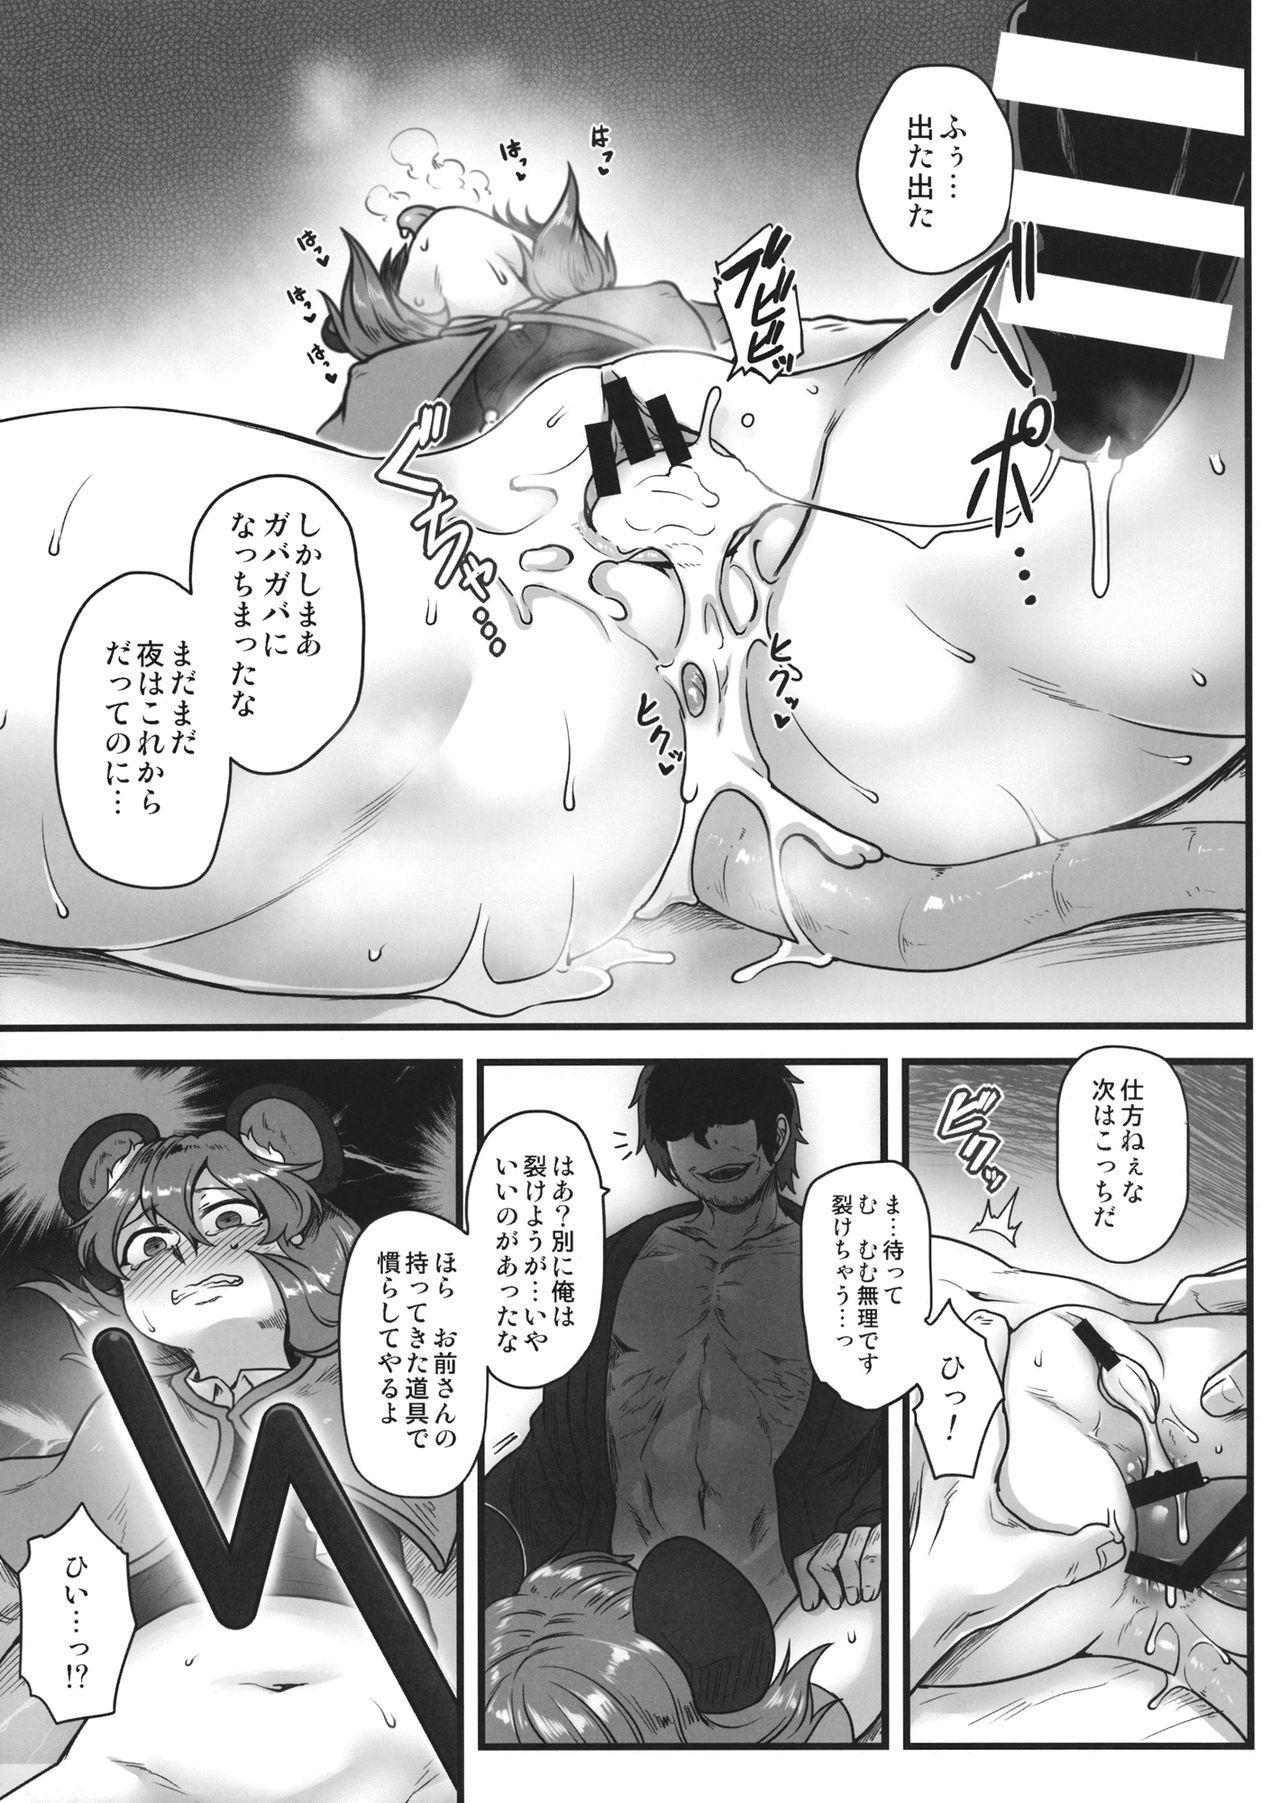 Kenshou, Ningen o Anadoru. 13